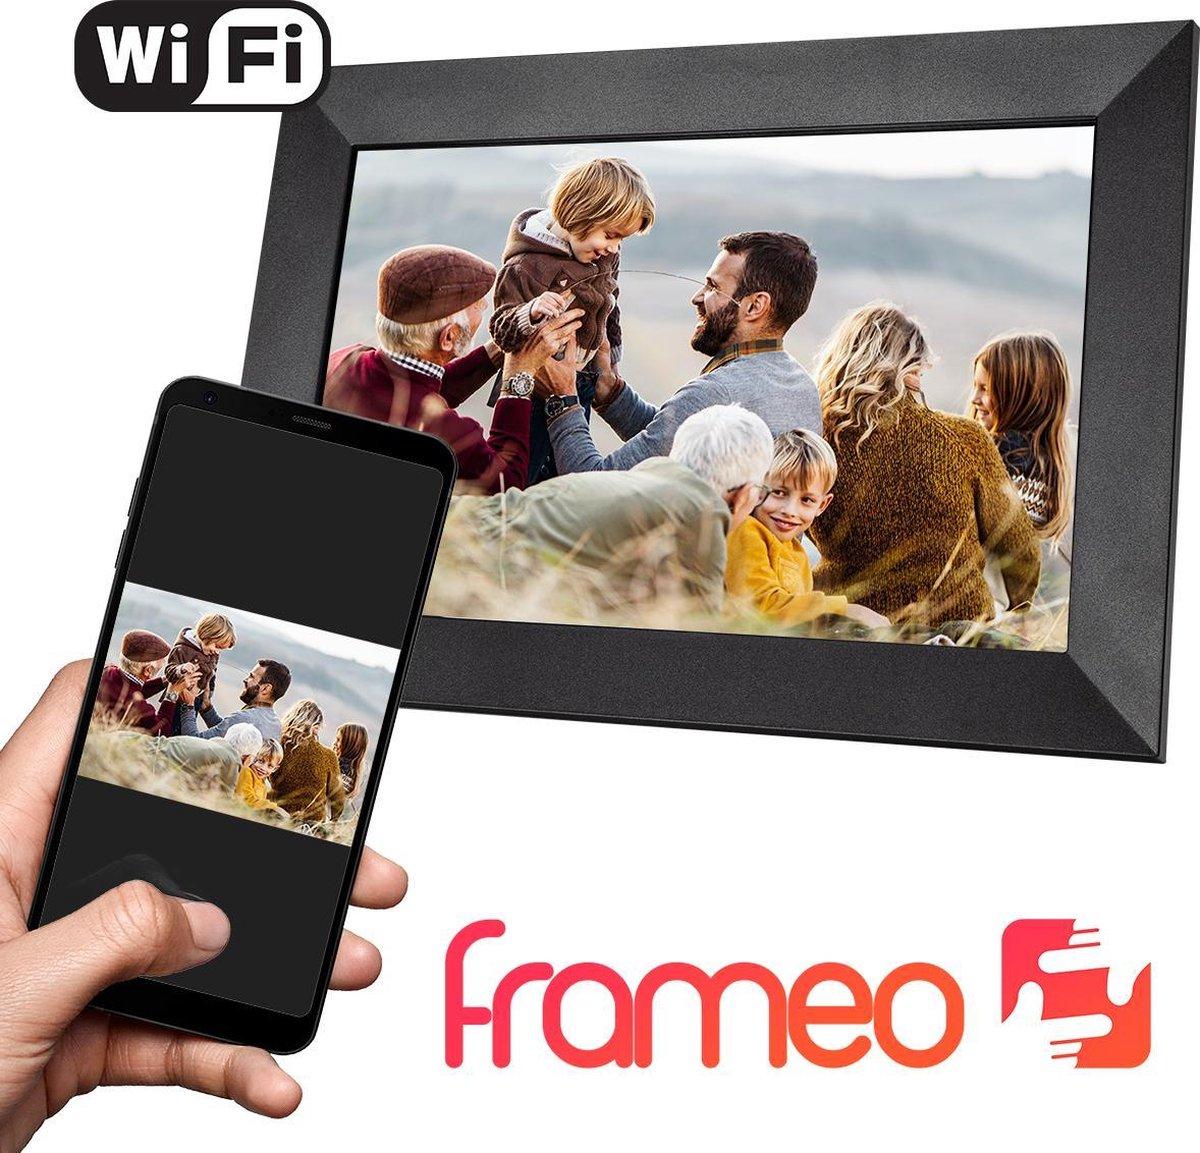 Qumax Digitale Fotolijst met Frameo app - Wifi Fotolijst - 10 inch Digitale Fotokader - Touch Screen